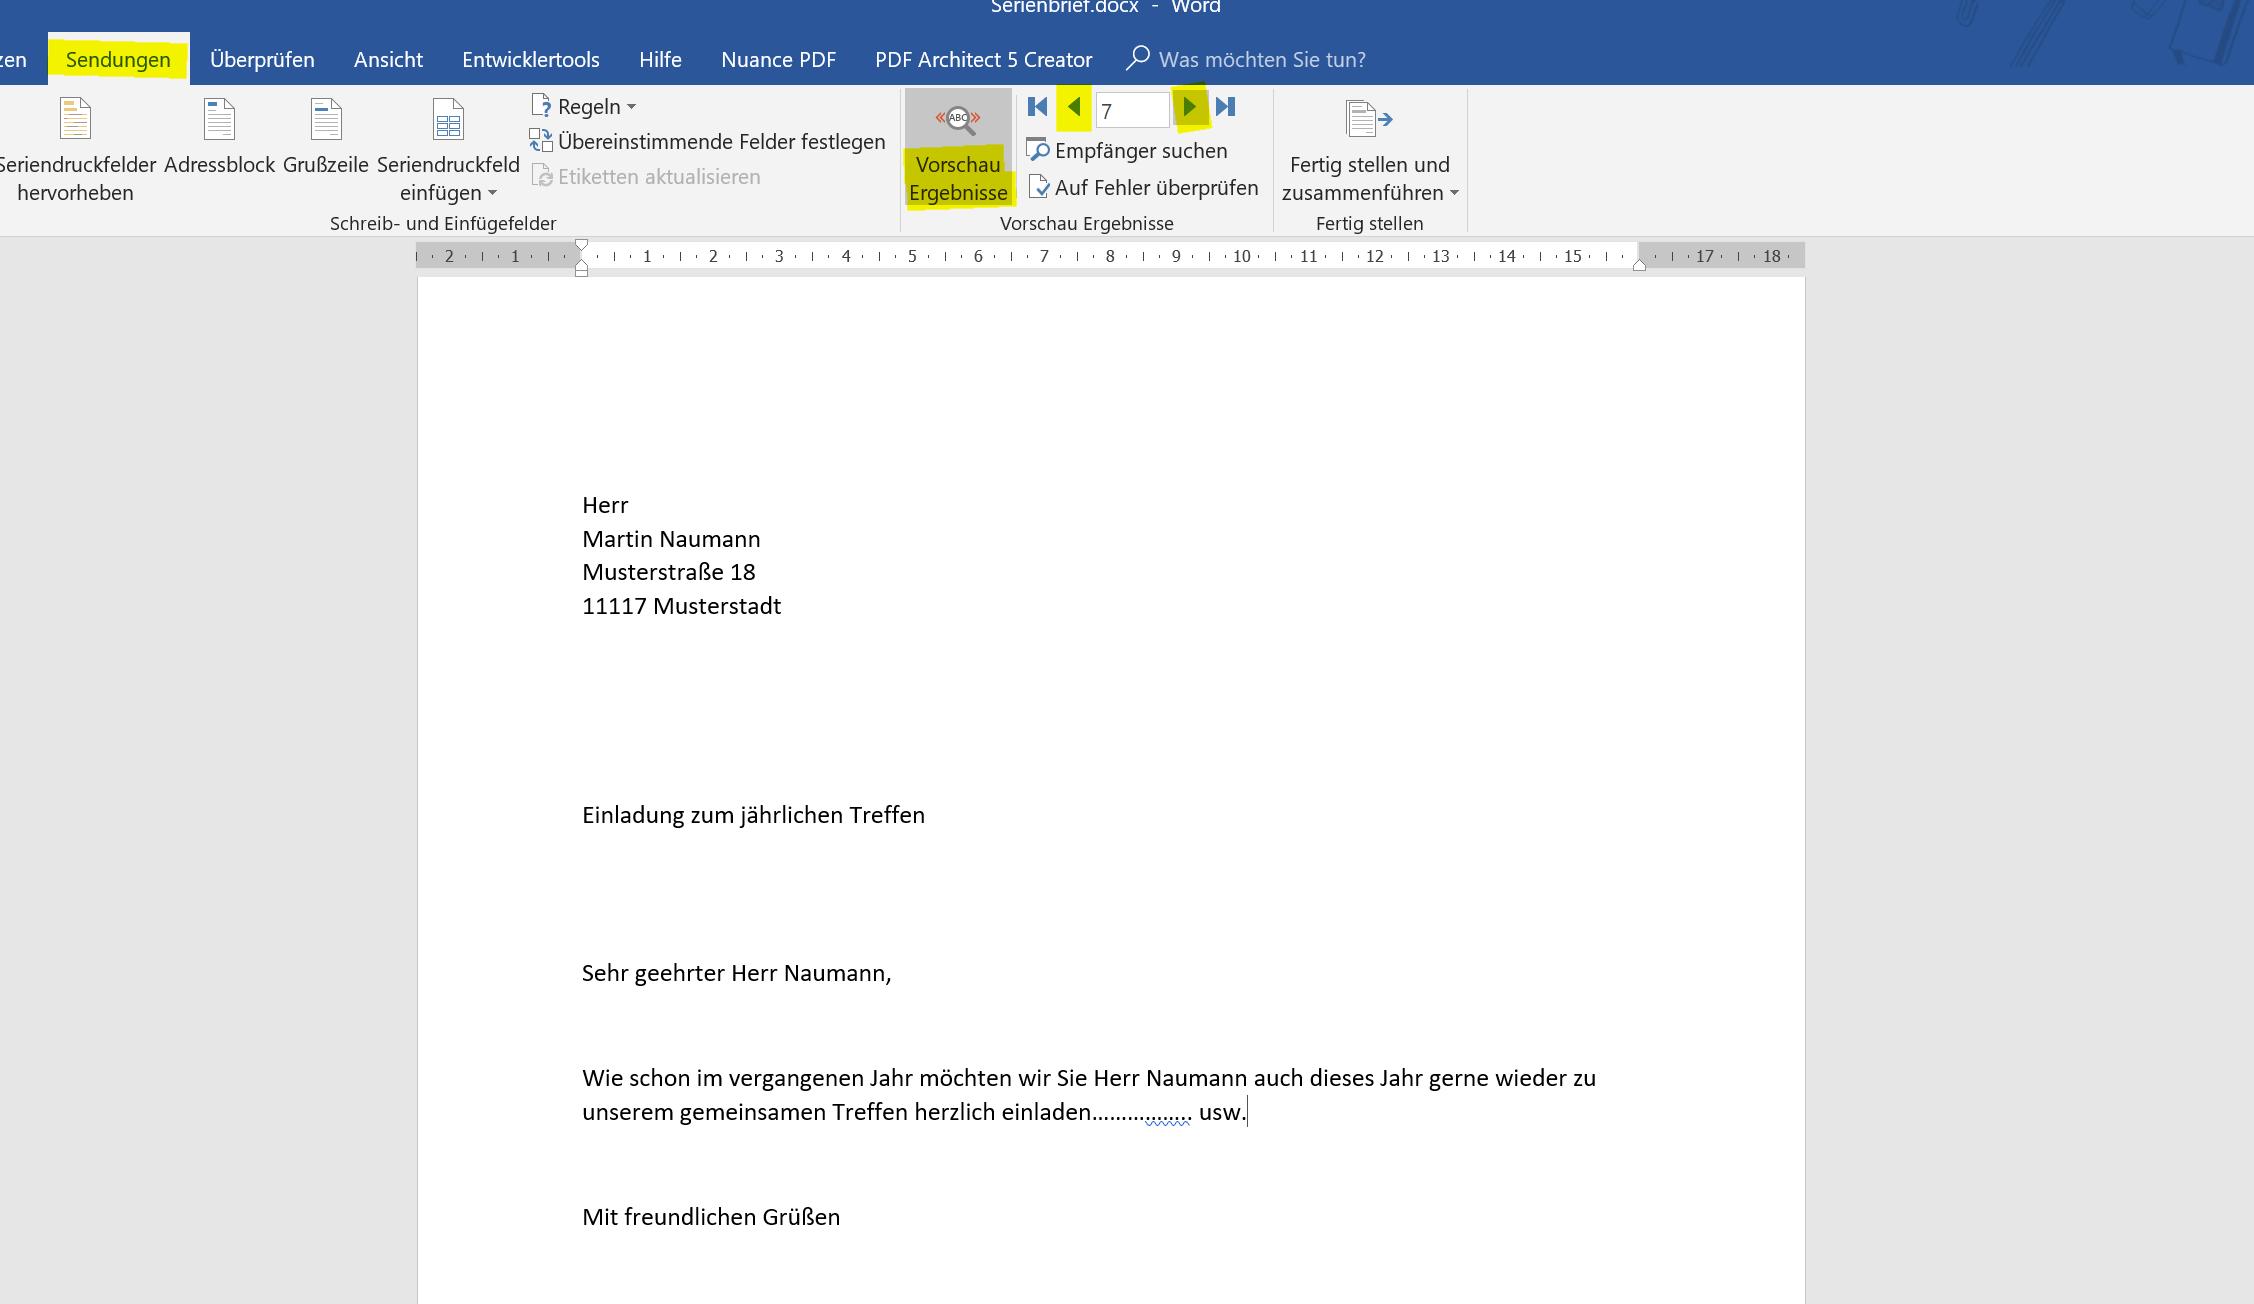 10. Vorschau Serienbrief